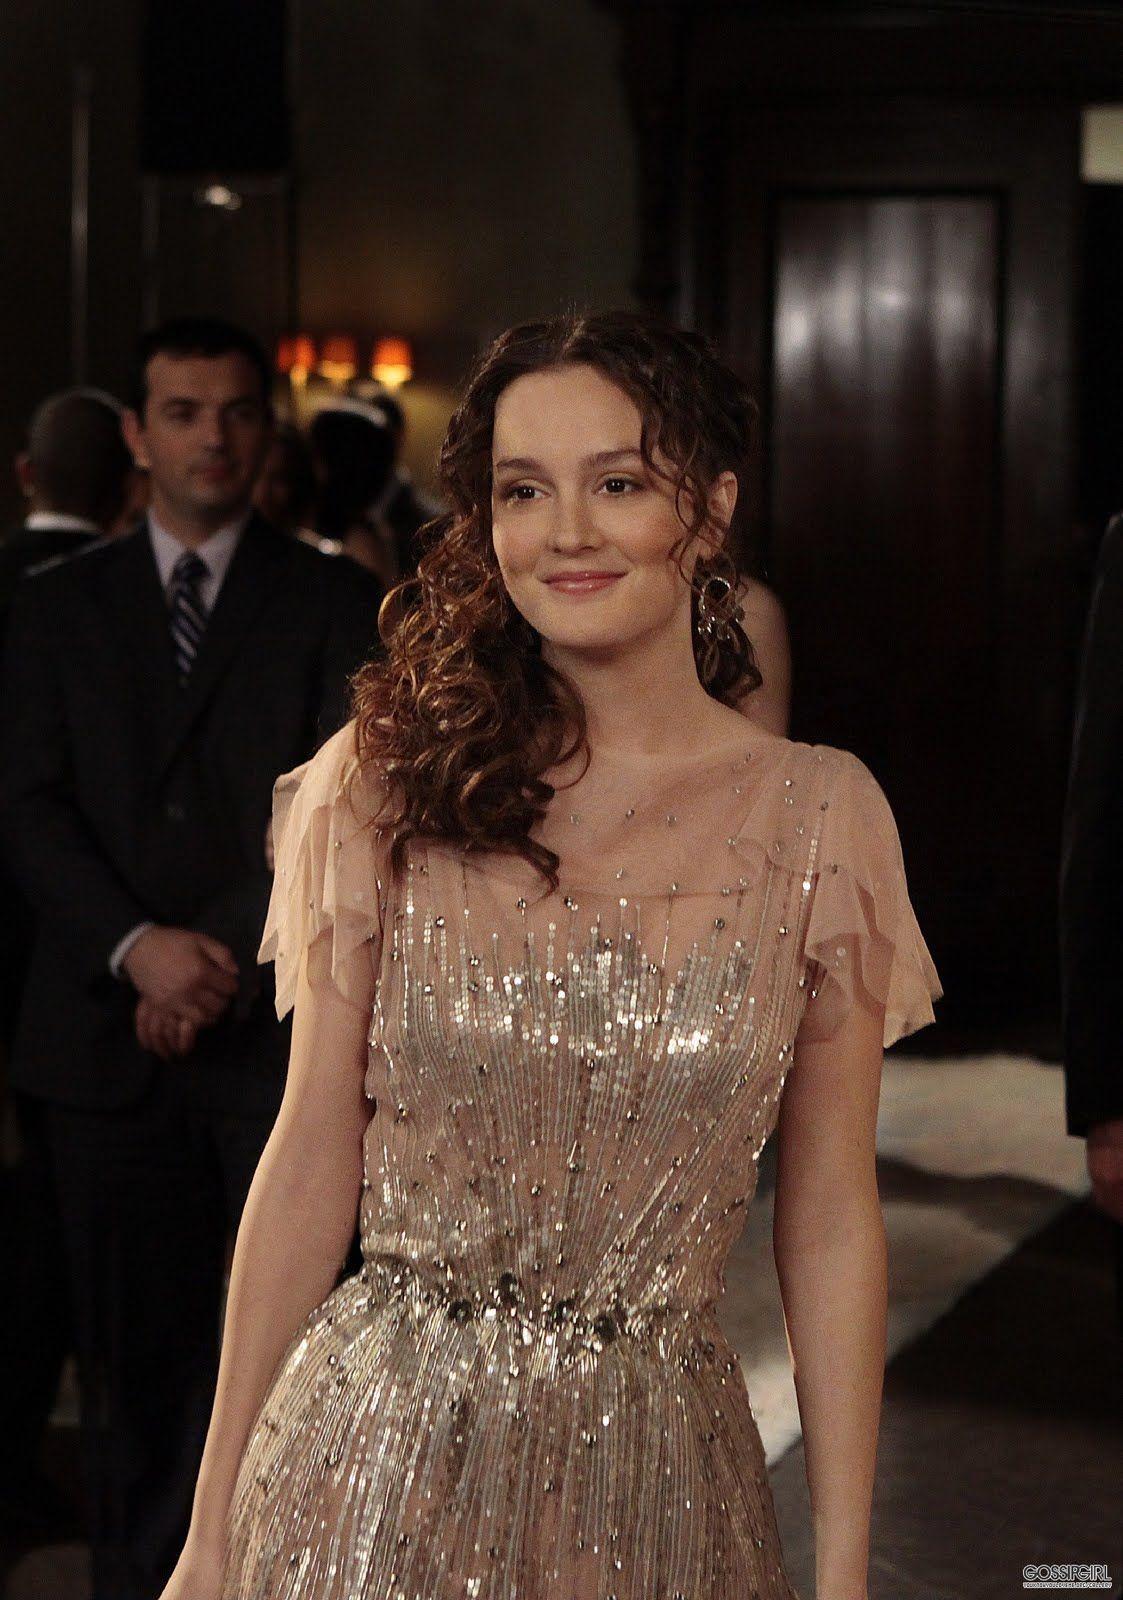 Blair waldorf vestidos de gossip girl vestido de blair